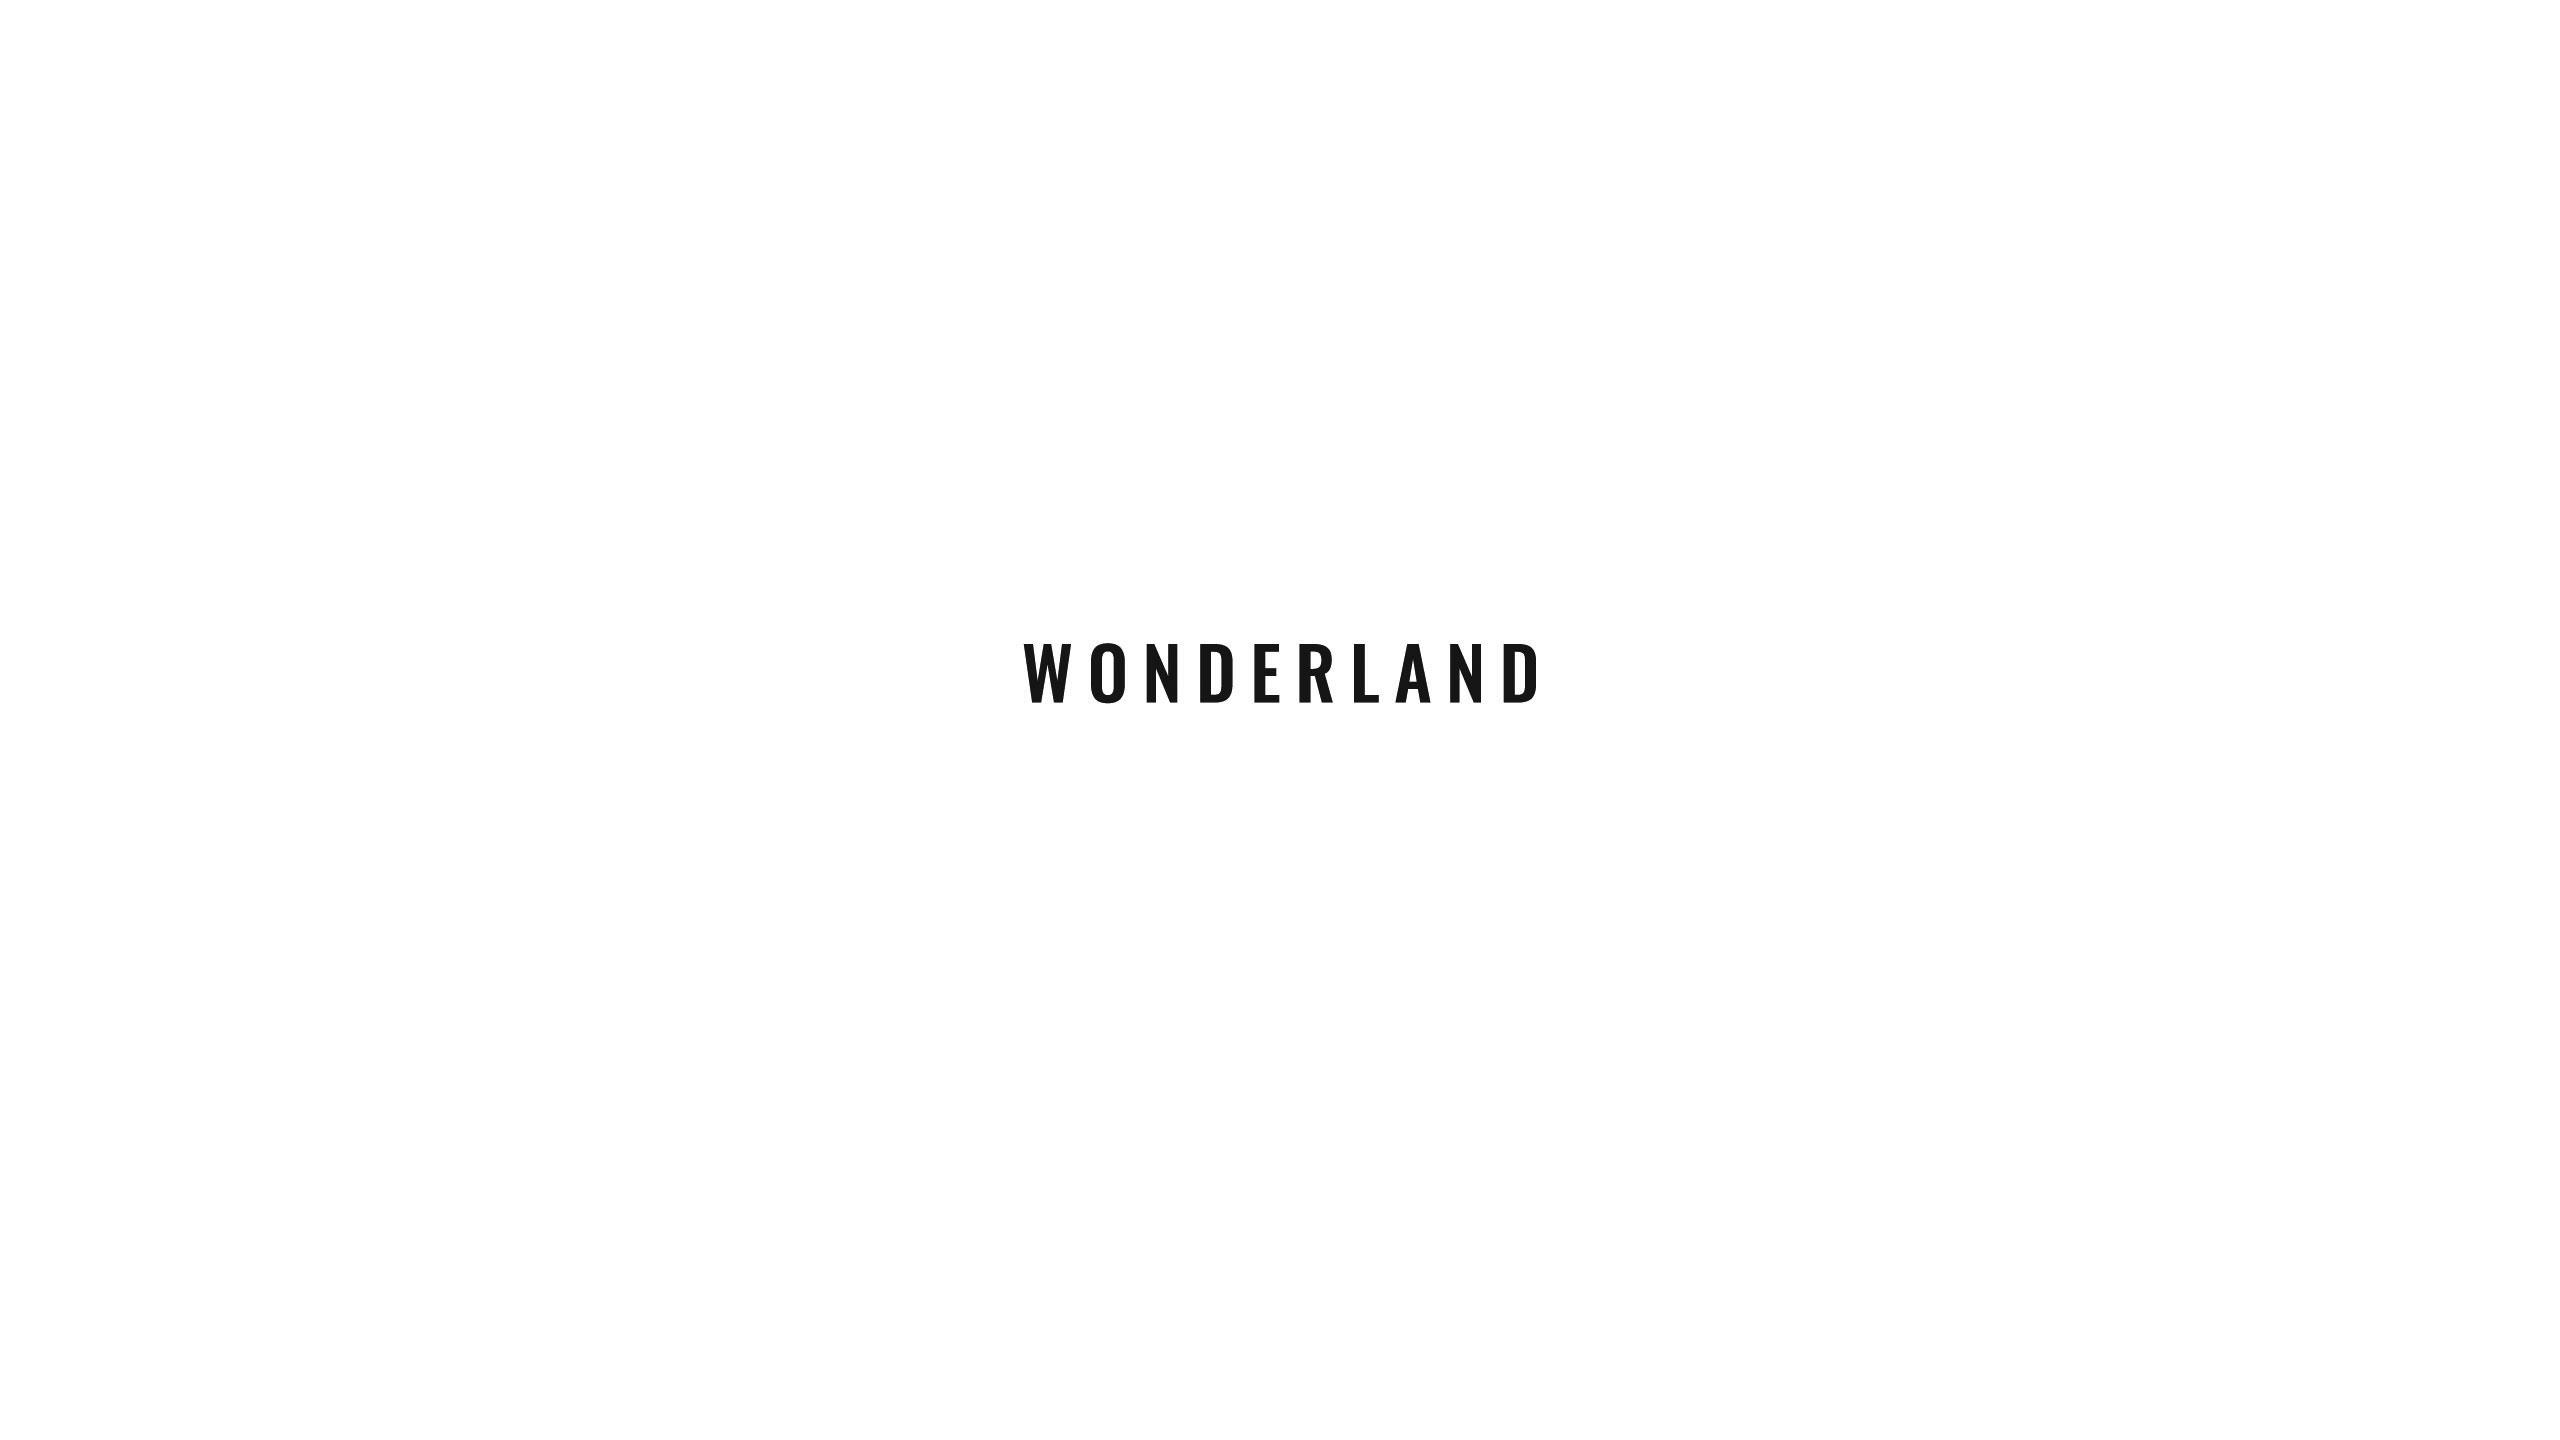 1a_Text_WONDERLAND